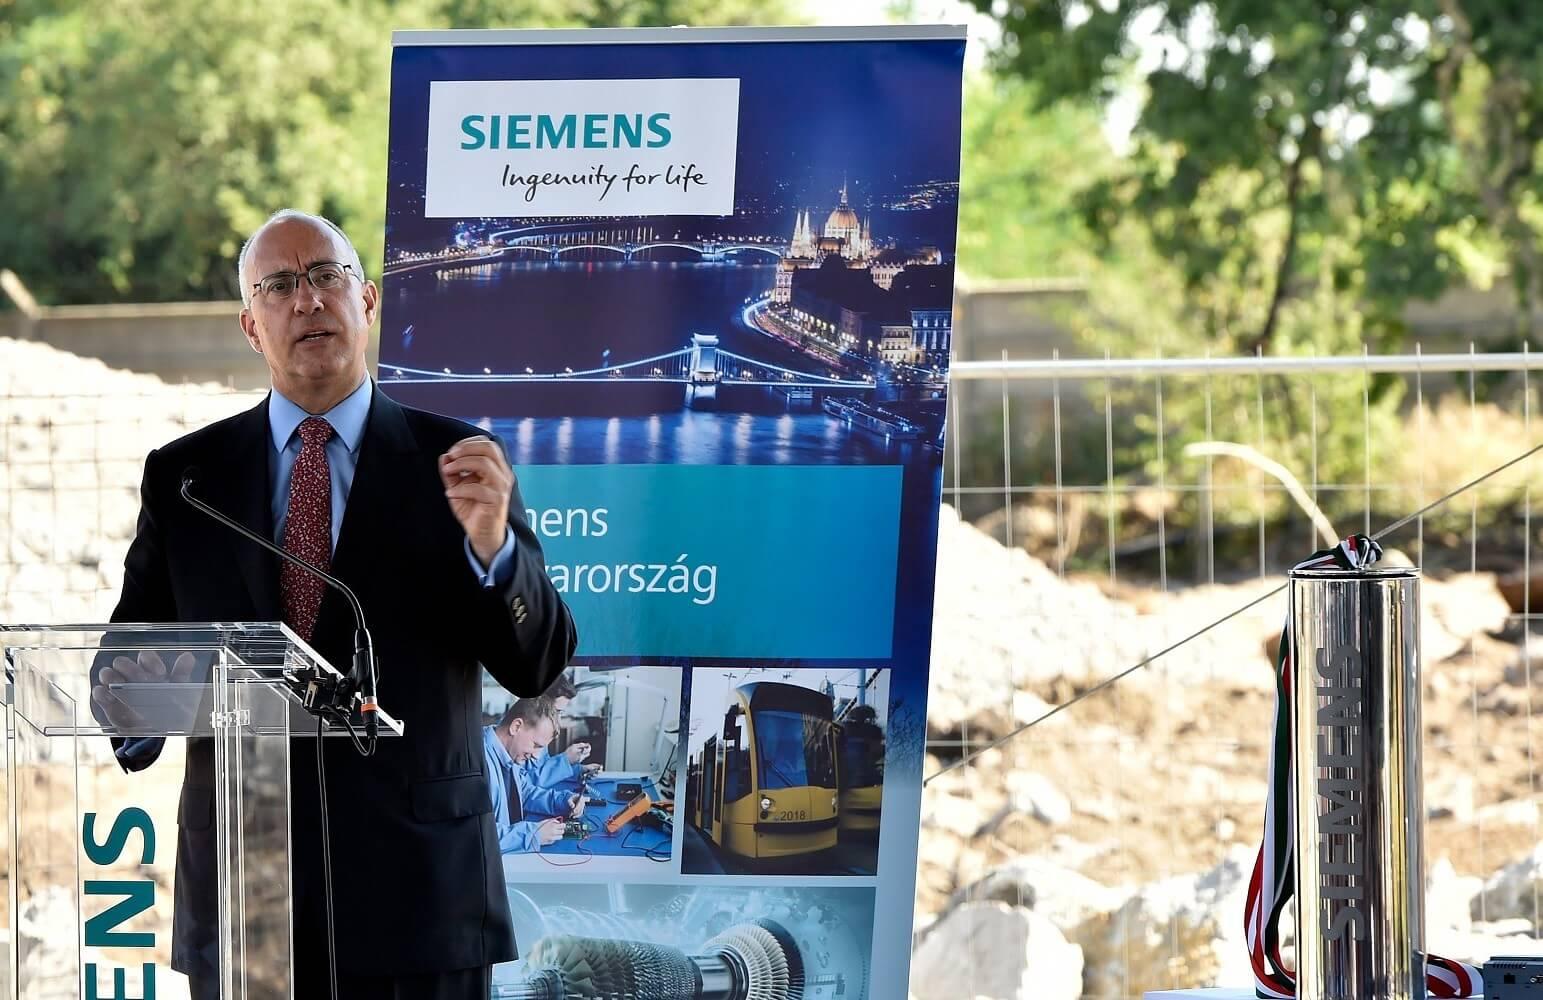 Tízmilliárdos beruházást indított a Siemens Budapesten